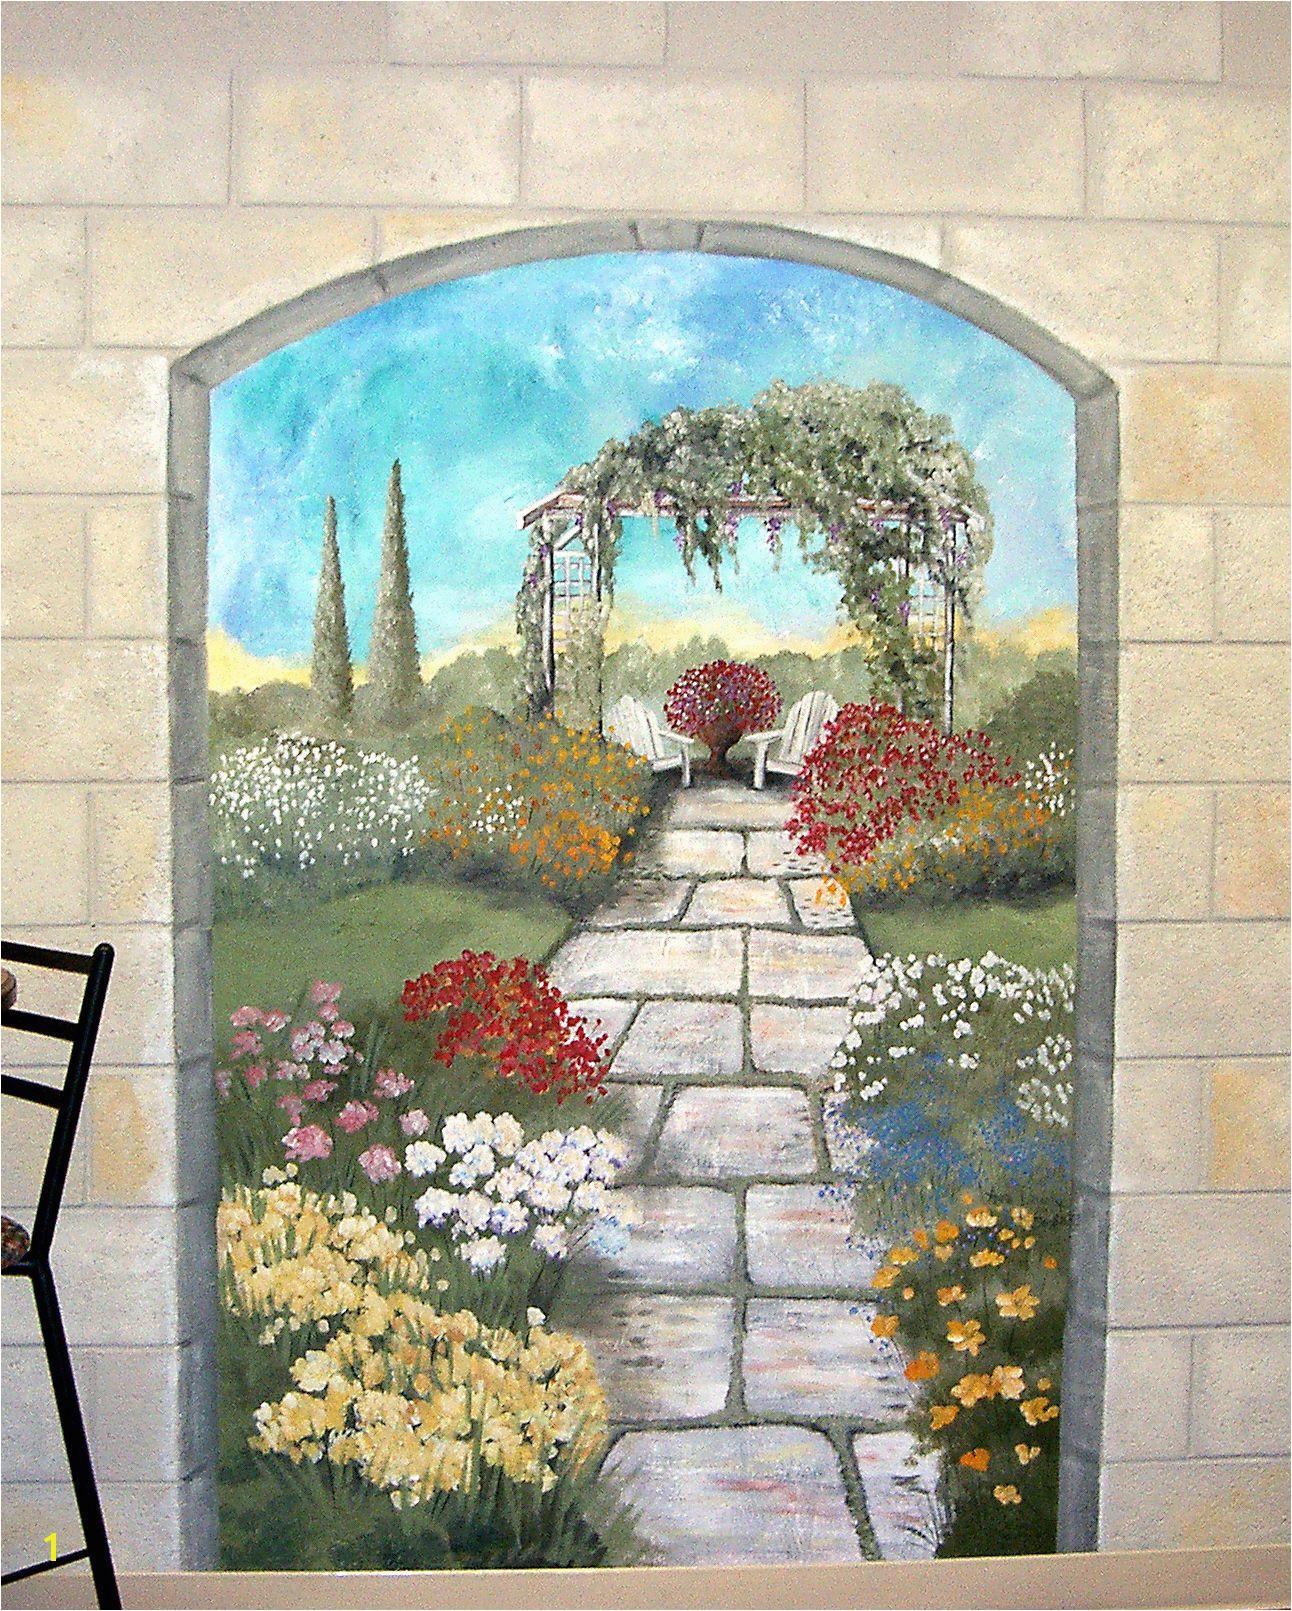 Garden mural on a cement block wall